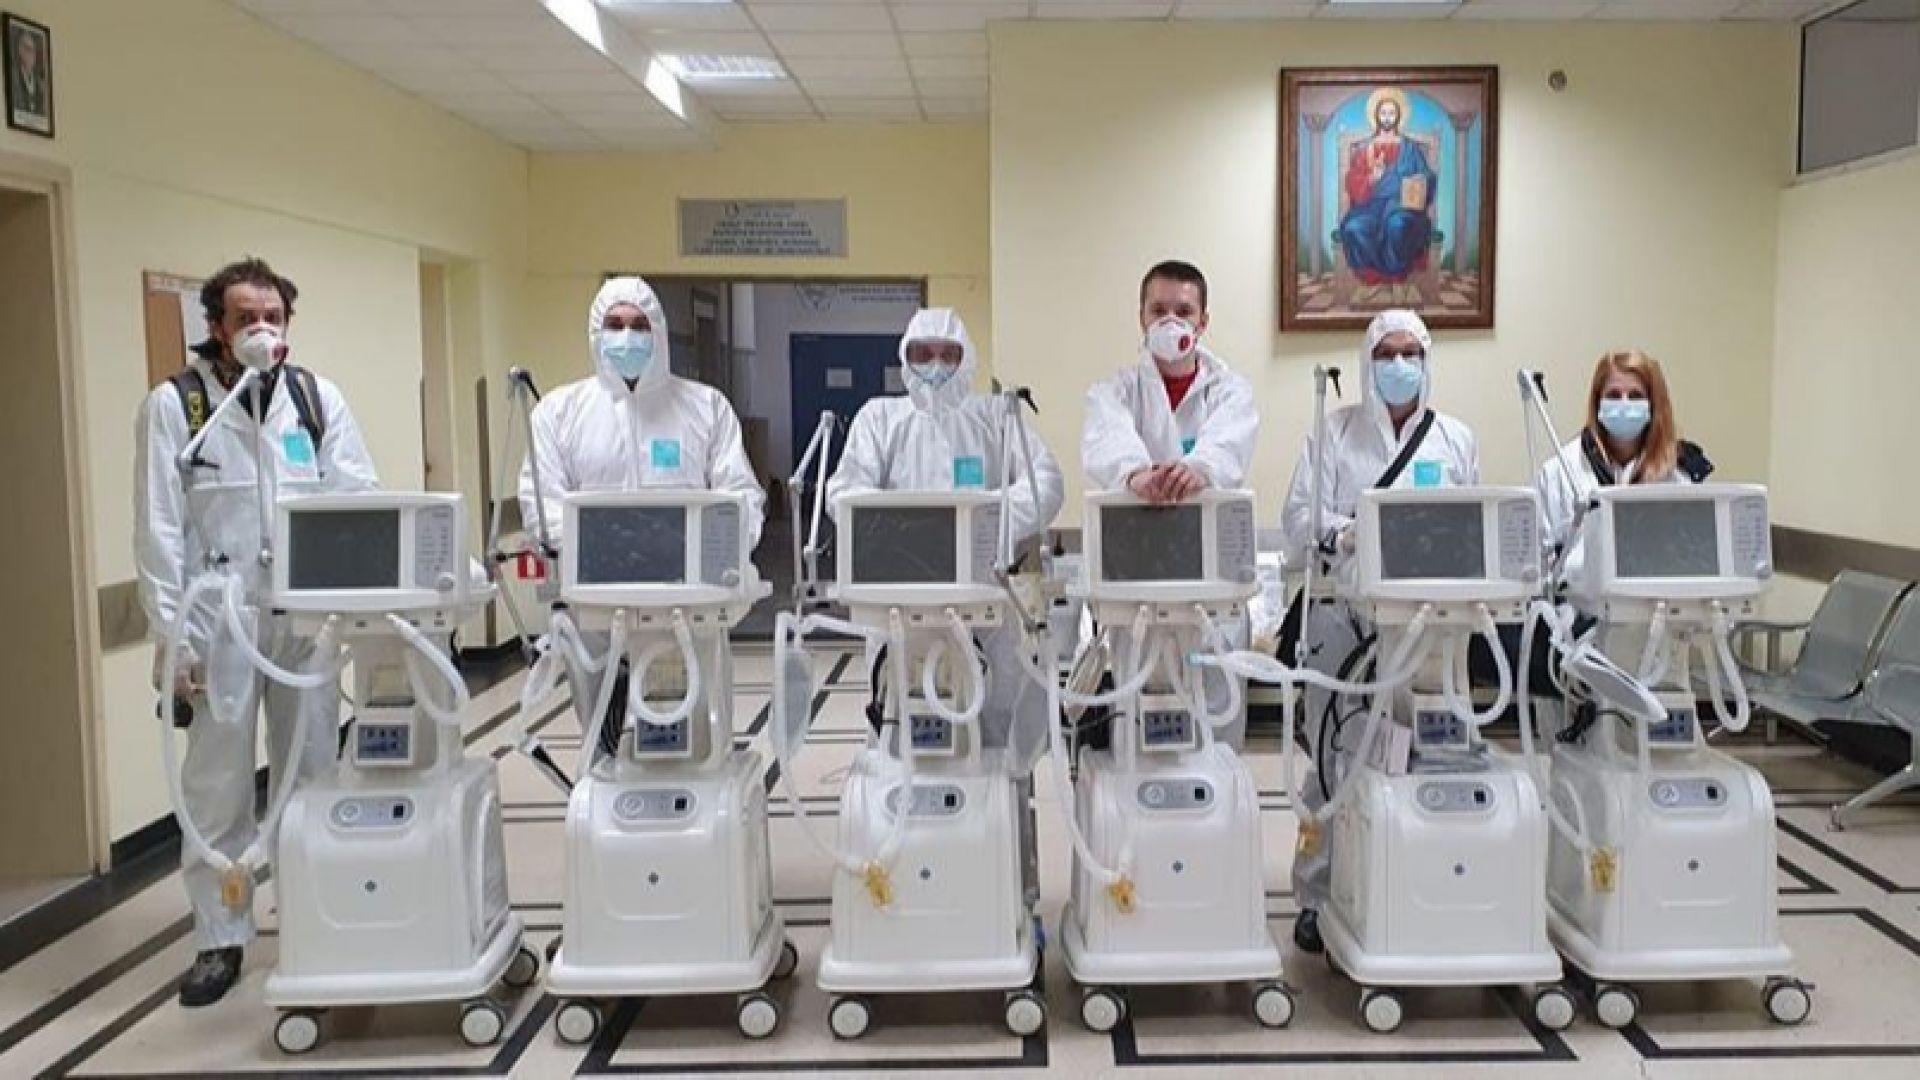 Нови 6 респиратора получи като дарение столичната Александровска болница. Това